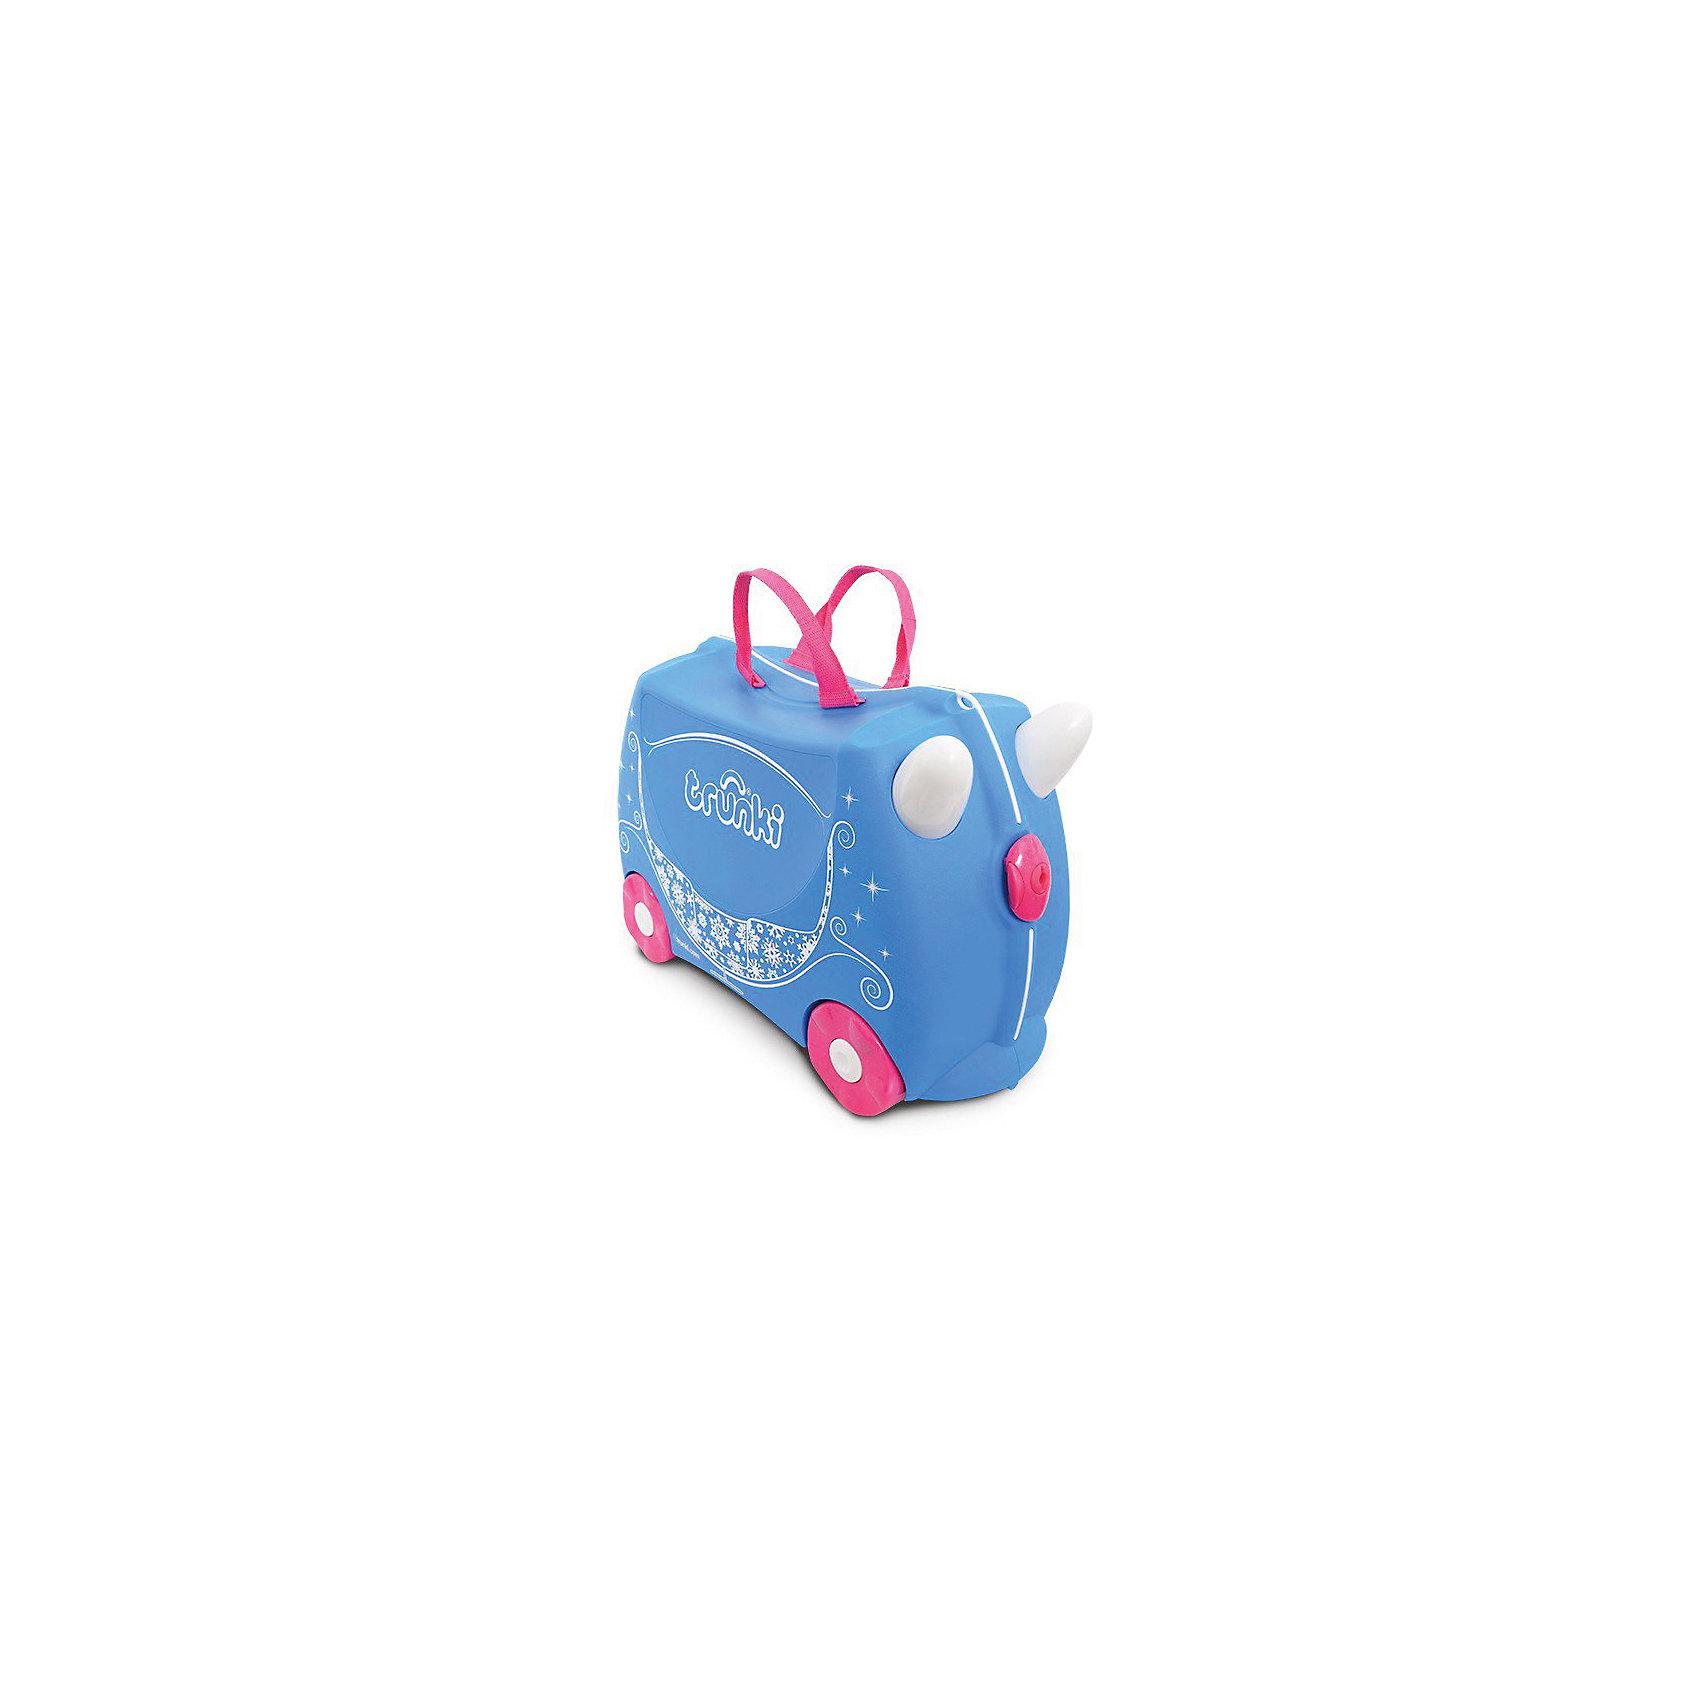 Чемодан на колесиках Жемчужная Карета принцессы, TRUNKIХарактеристики чемодан на колесиках Жемчужная Карета принцессы:<br><br>• возраст: от 3 лет<br>• пол: для девочек<br>• цвет: голубой<br>• допустимый вес эксплуатации : 50 кг.<br>• состав: пластик, текстиль.<br>• объем: 18 л.<br>• размер чемодана: 46х21х31 см.<br>• вес: 1.7 кг. <br>• упаковка: картонная коробка.<br>• бренд: Trunki<br>• страна обладатель бренда: Великобритания.<br><br>Чемодан сделан из прочного пластика, его вместимость составляет 2 кг. Во внутреннем отделении есть ремни, которые закрепляют вещи, совсем как в настоящем взрослом чемодане. В такой чемодан ребенок сам с большим удовольствием будет укладывать вещи и присматривать за ним во время путешествия.<br><br>К тому же большим преимуществом чемоданчика является то, что он выполняет функцию игрушки-каталки. Так, у ребенка будет возможность поиграть во время длительных процедур оформления документов, что поможет малышу быть энергичным и веселым.<br><br>Чемодан на колесиках Жемчужная карета принцессы торговой марки Транки (Trunki) можно купить в нашем интернет-магазине.<br><br>Ширина мм: 460<br>Глубина мм: 210<br>Высота мм: 310<br>Вес г: 1700<br>Возраст от месяцев: 36<br>Возраст до месяцев: 2147483647<br>Пол: Женский<br>Возраст: Детский<br>SKU: 5448801